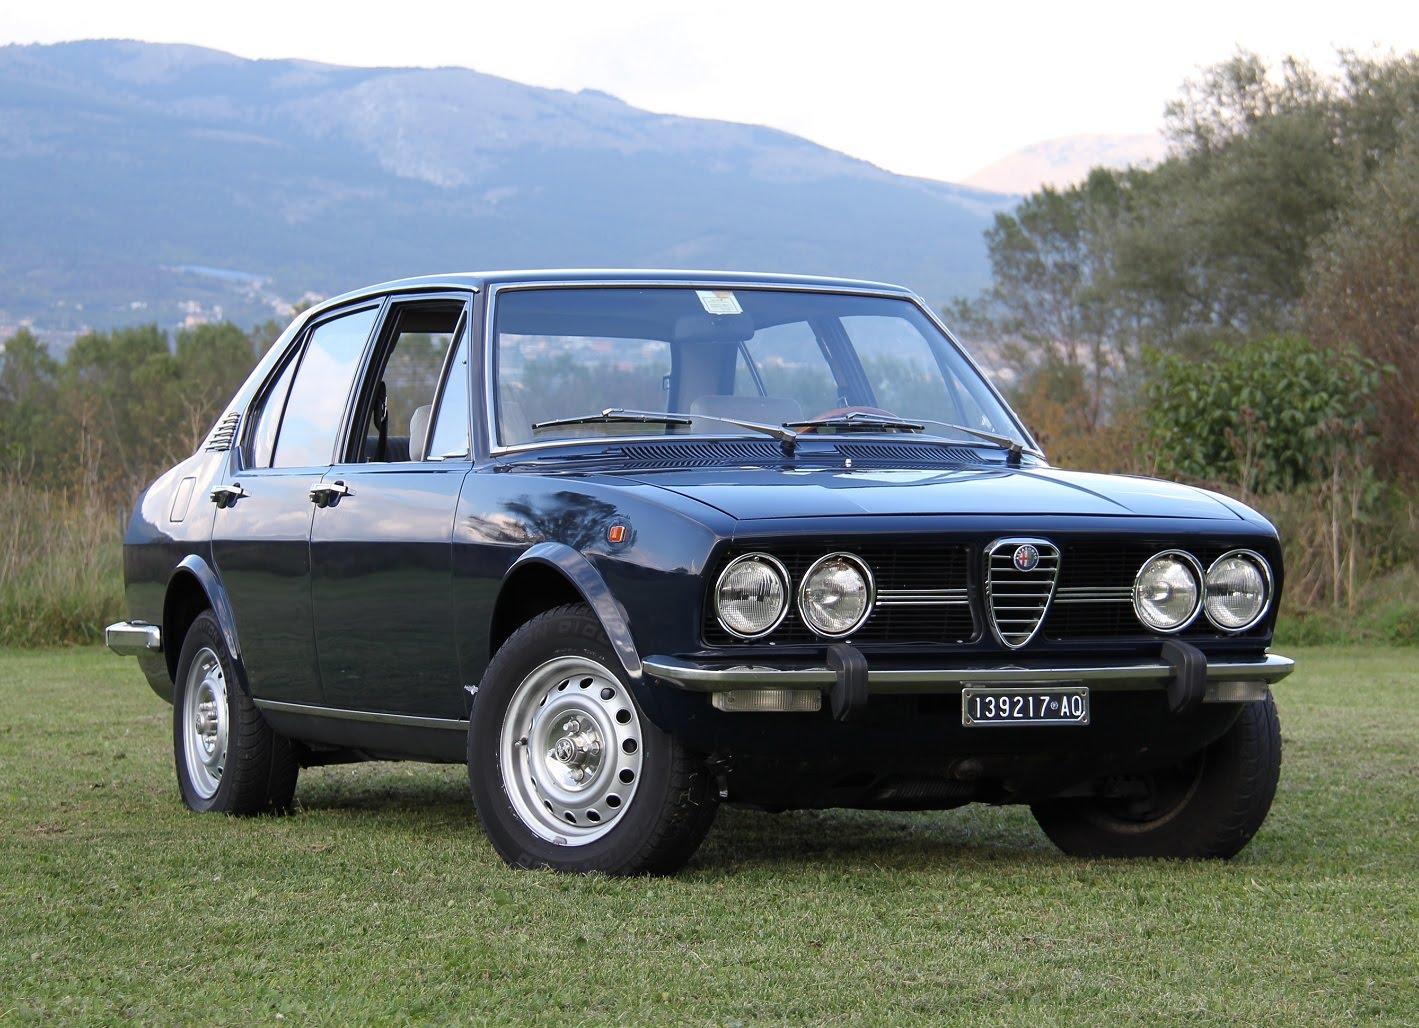 Alfa romeo gtv v6 1983 17